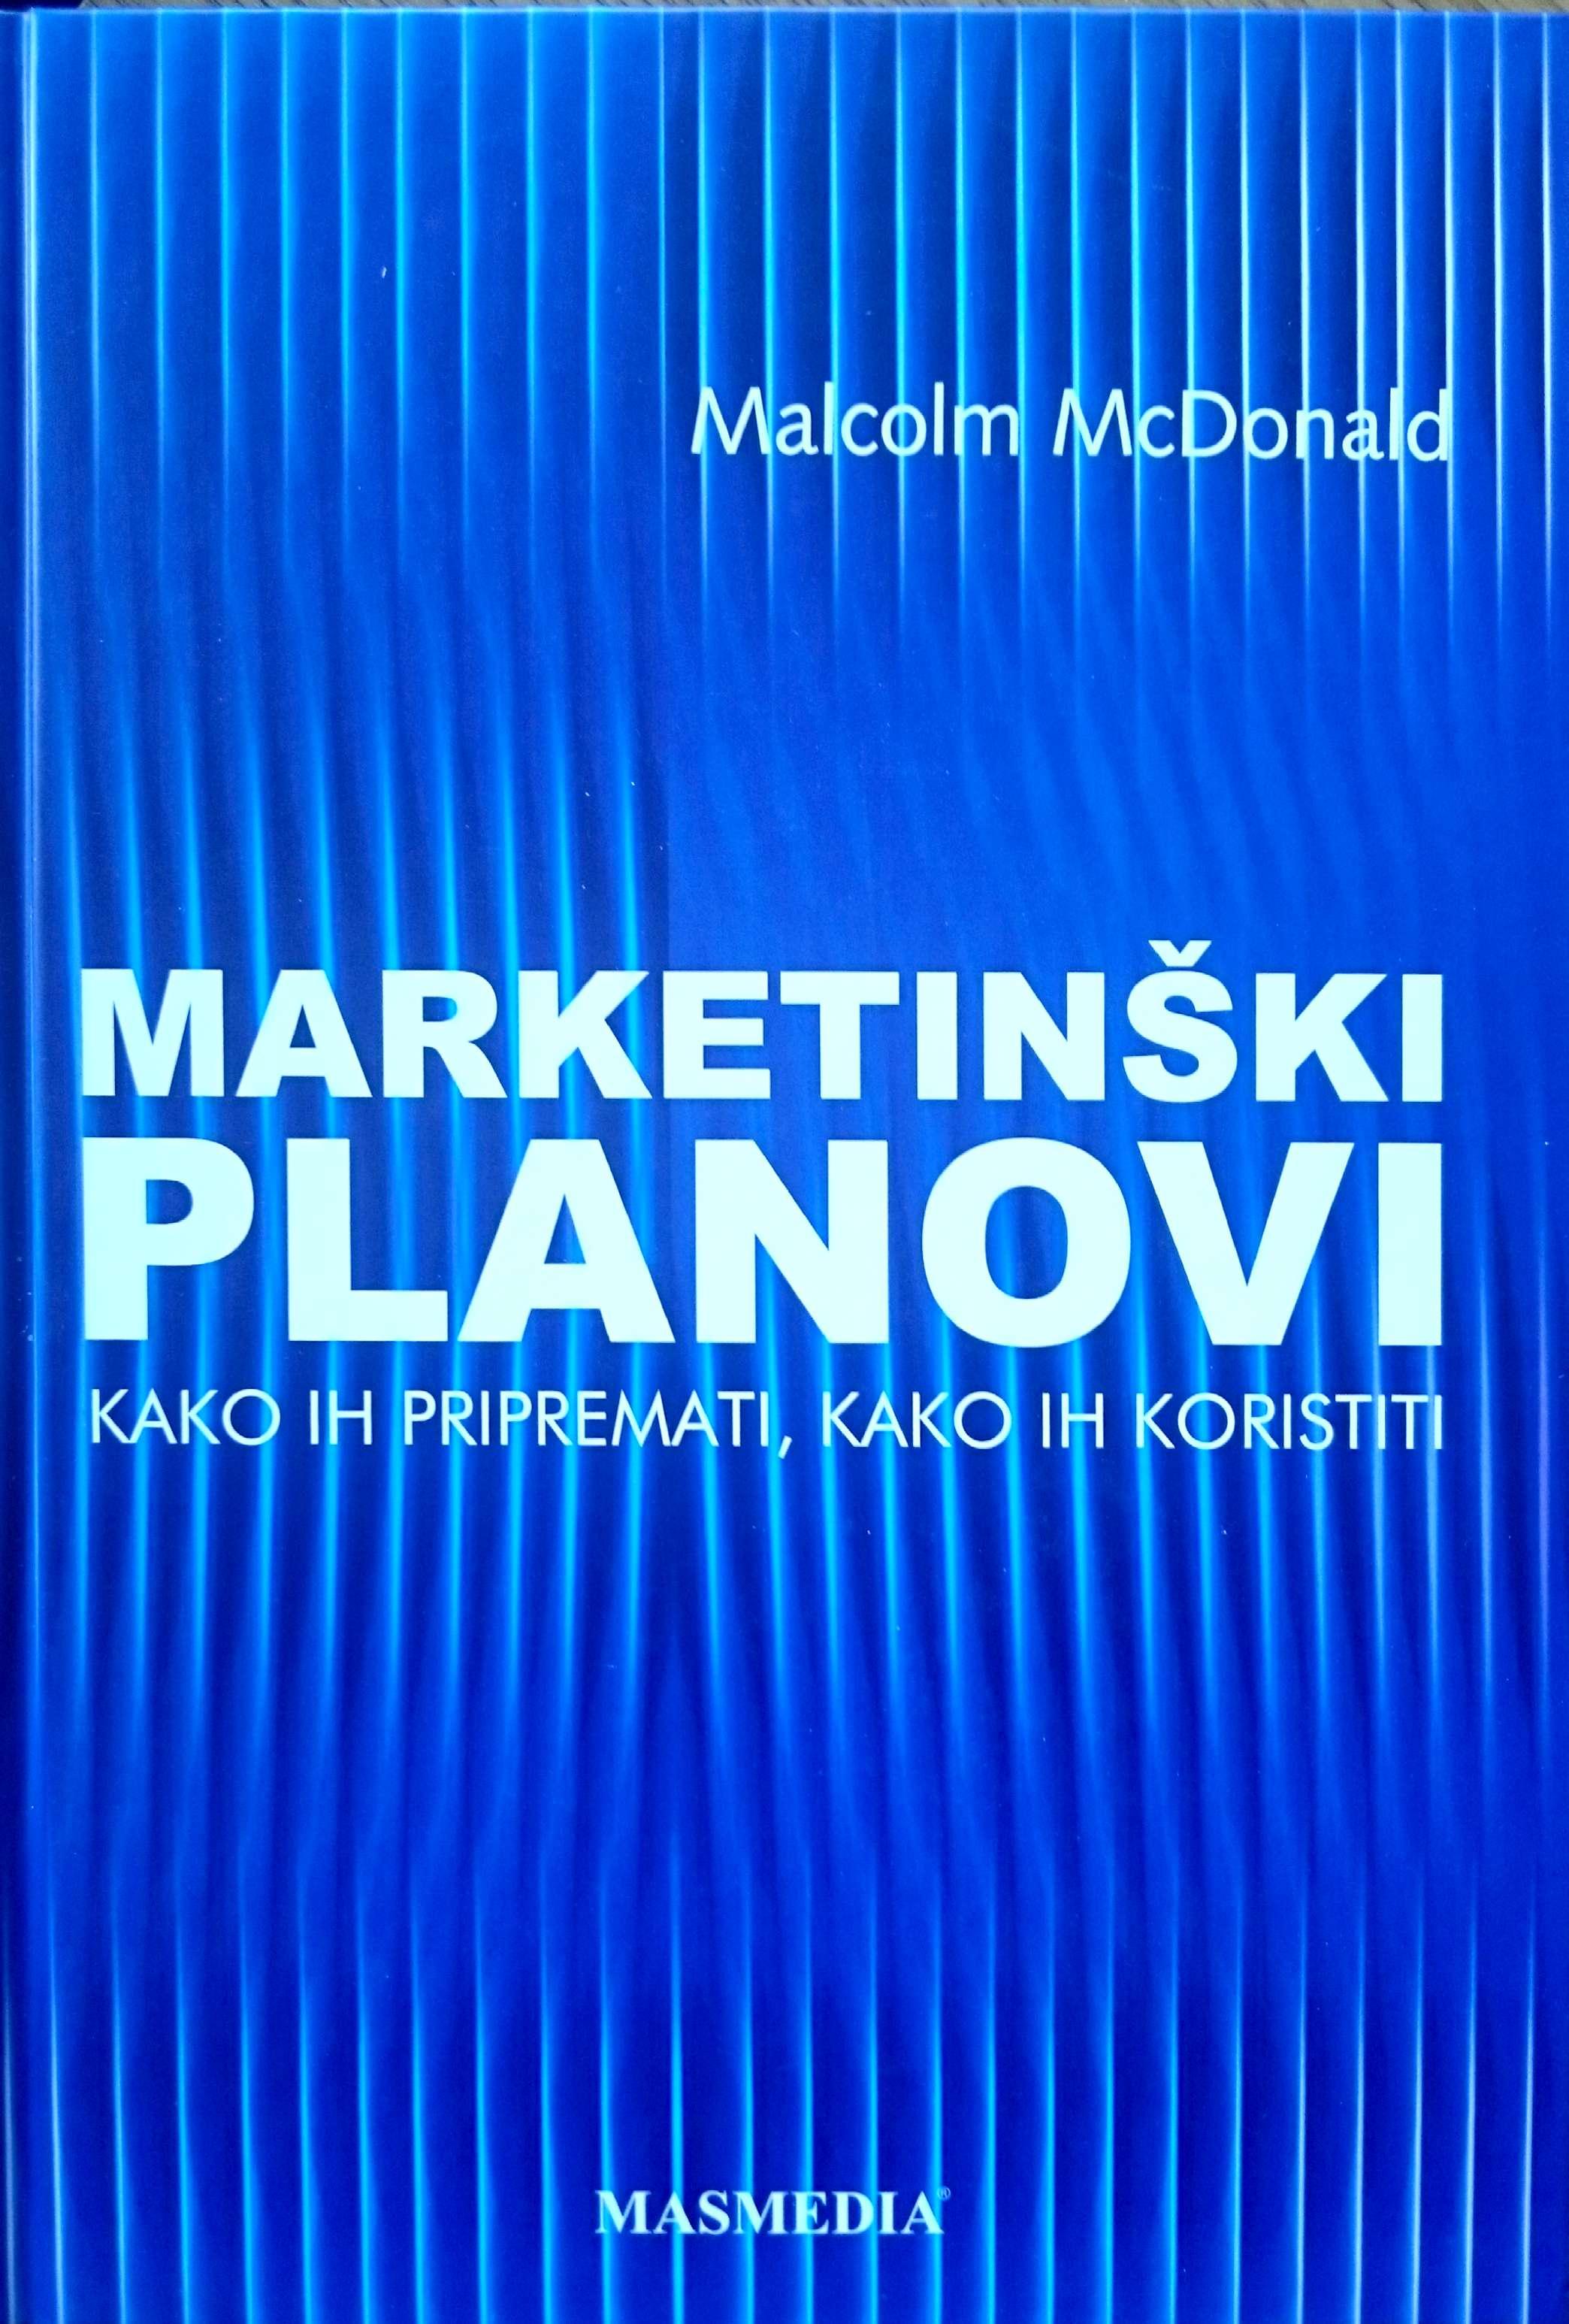 MARKETINŠKI PLANOVI - Naruči svoju knjigu